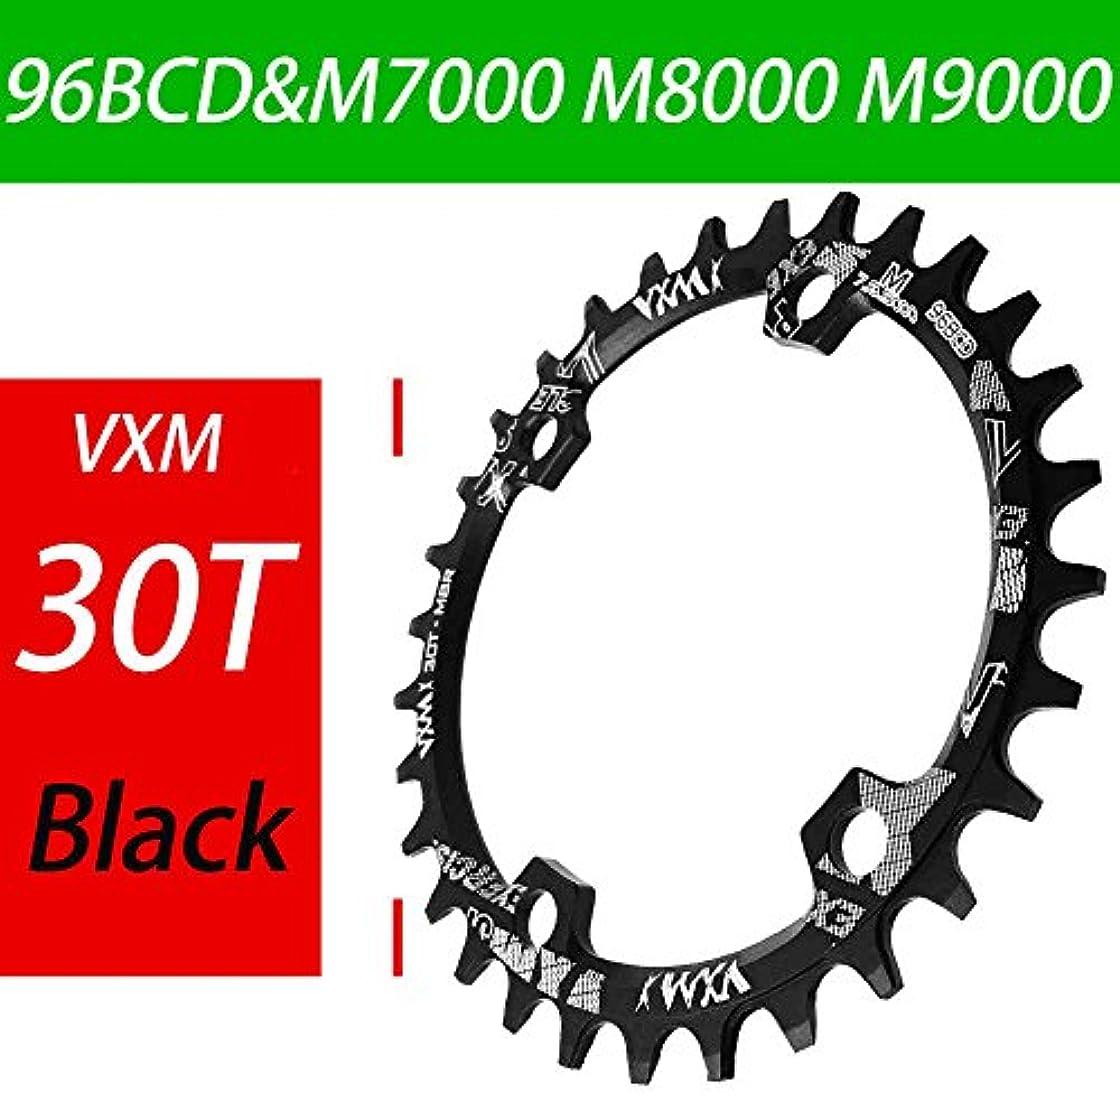 敬意を表してコインランドリー膨らませるPropenary - Bicycle 96BCD Crank 30T Chainwheel Aluminum Alloy Round Chain ring Chainwheel Road Bicycle Chain ring for M7000 M8000 M9000 [ Black ]